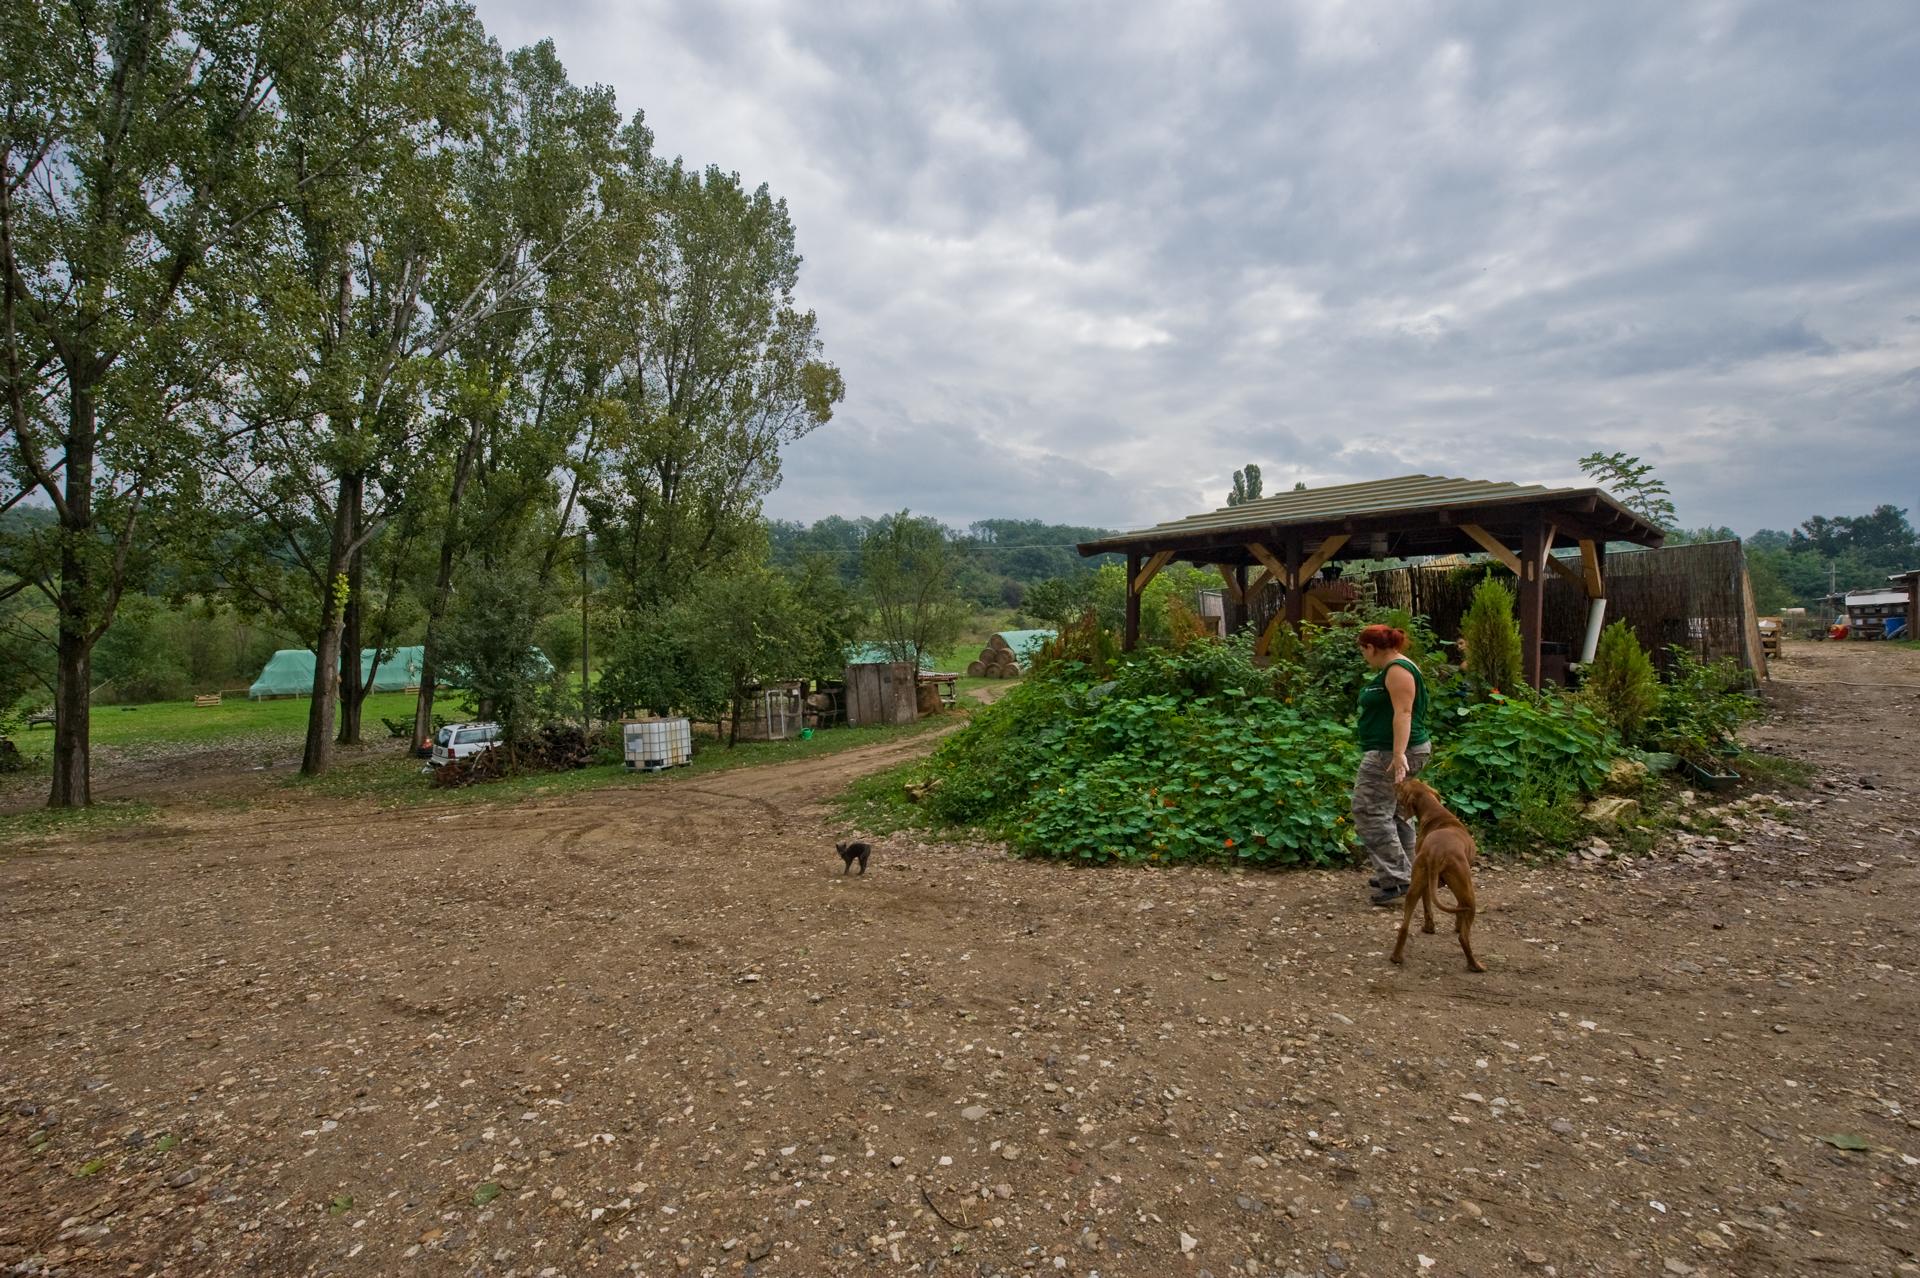 Pillanatkép a tanyáról a sarkantyúka bokornál